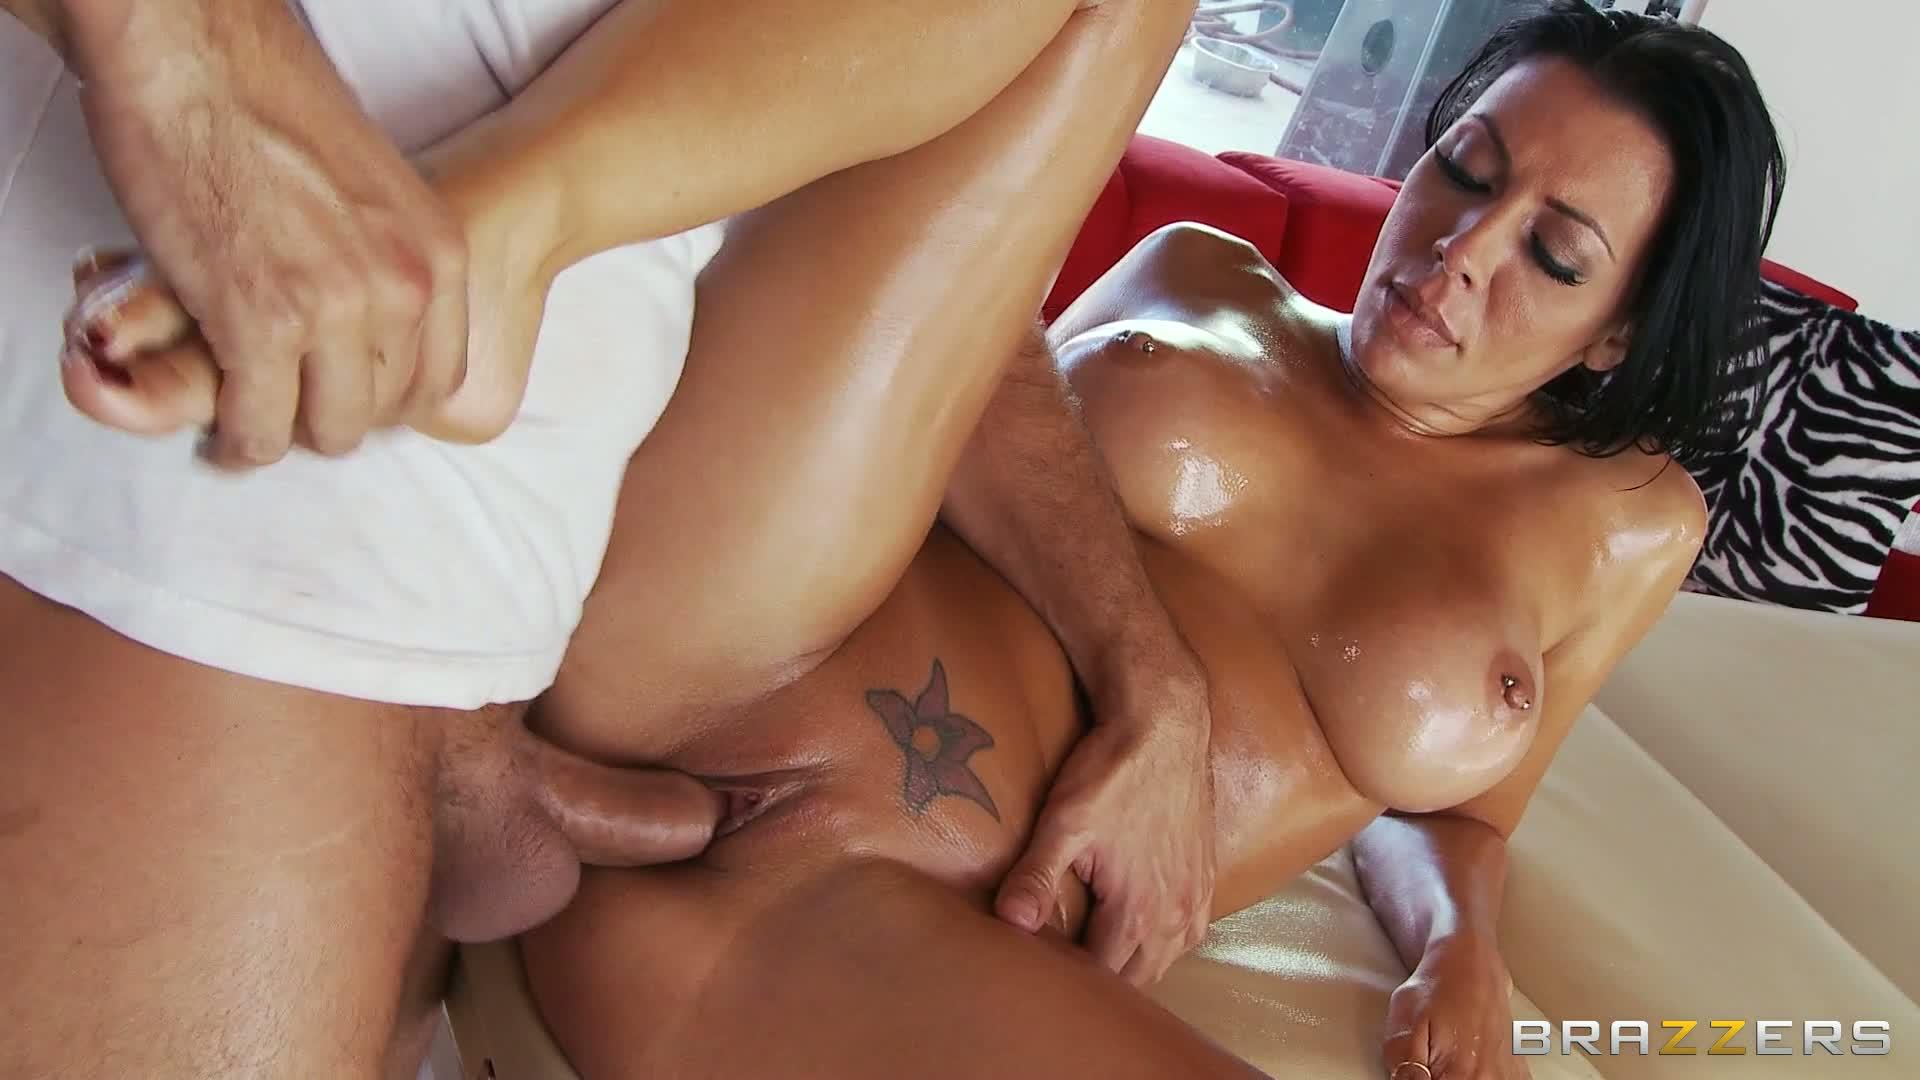 Порно hd лучшее качественное